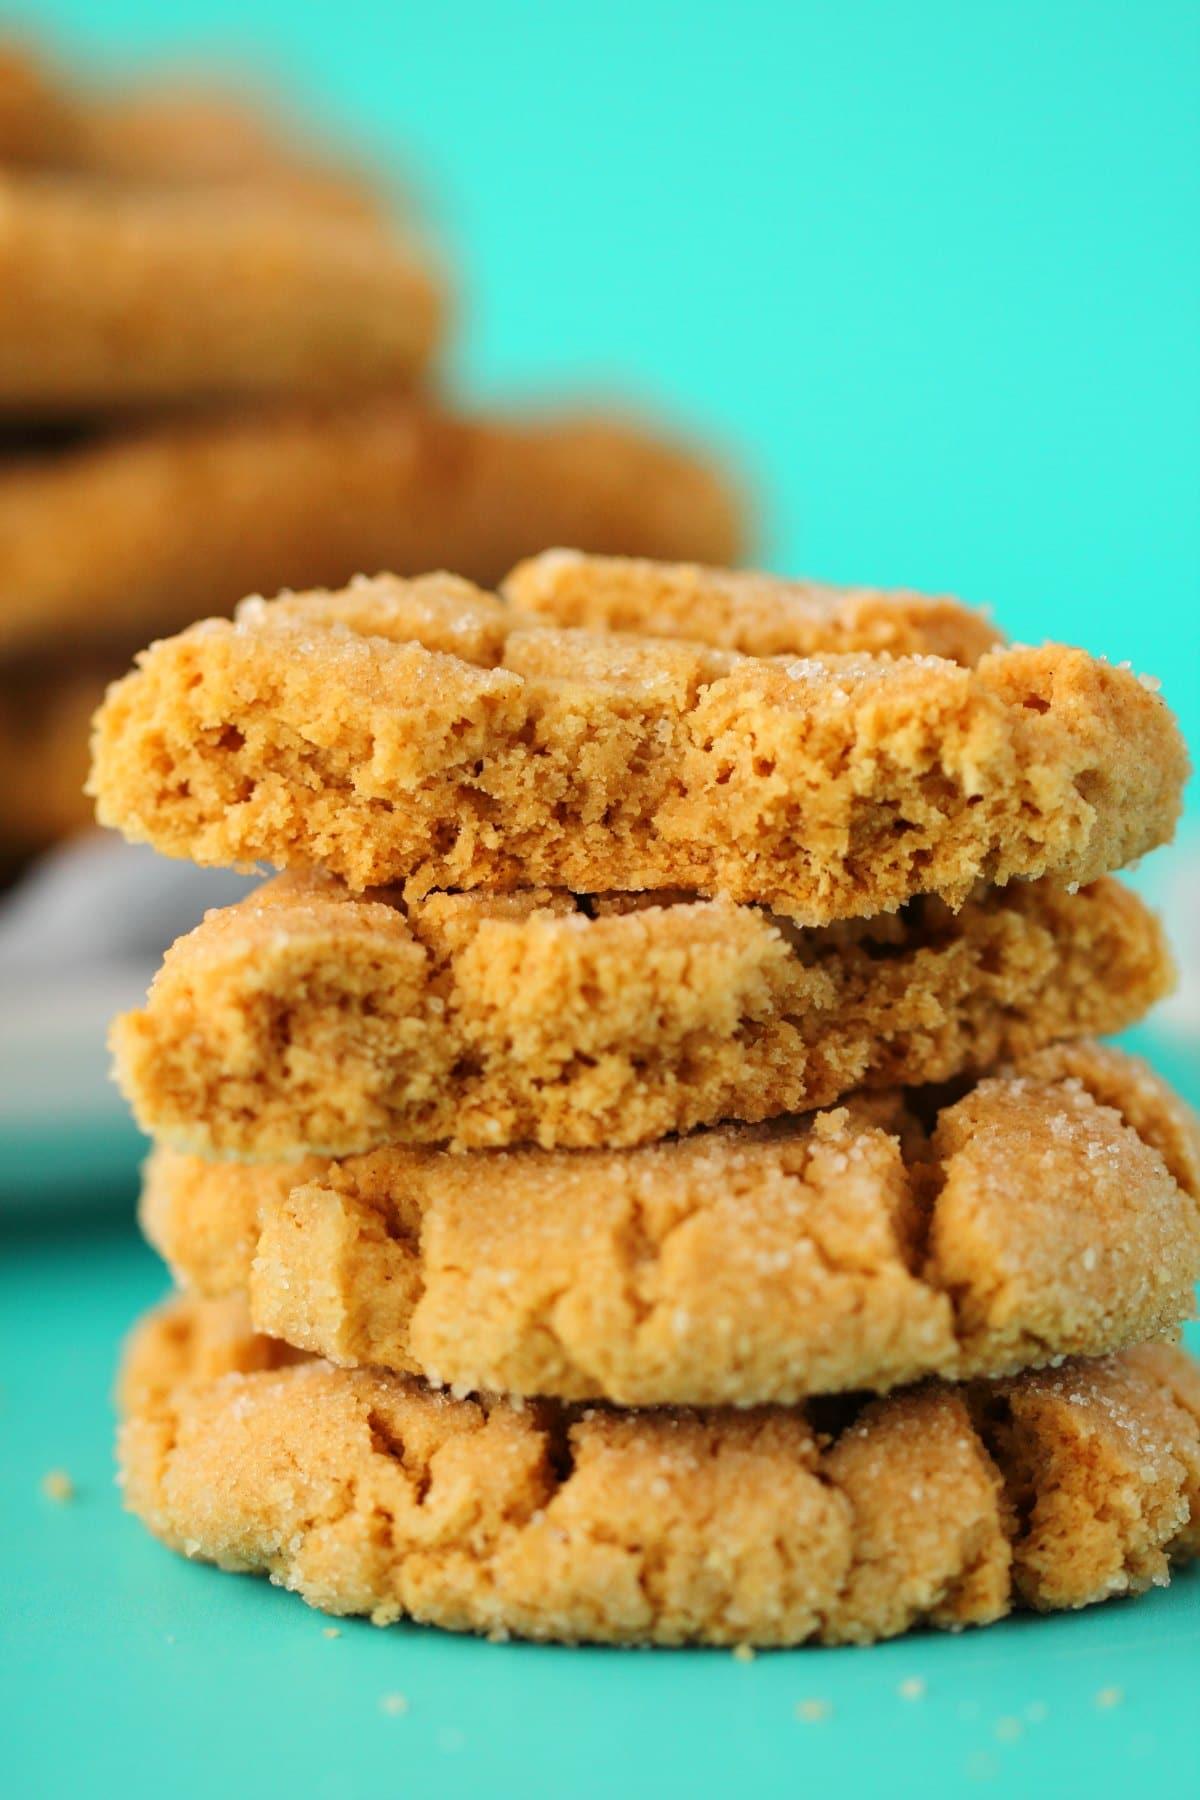 A stack of vegan peanut butter cookies with the top cookie broken in half.